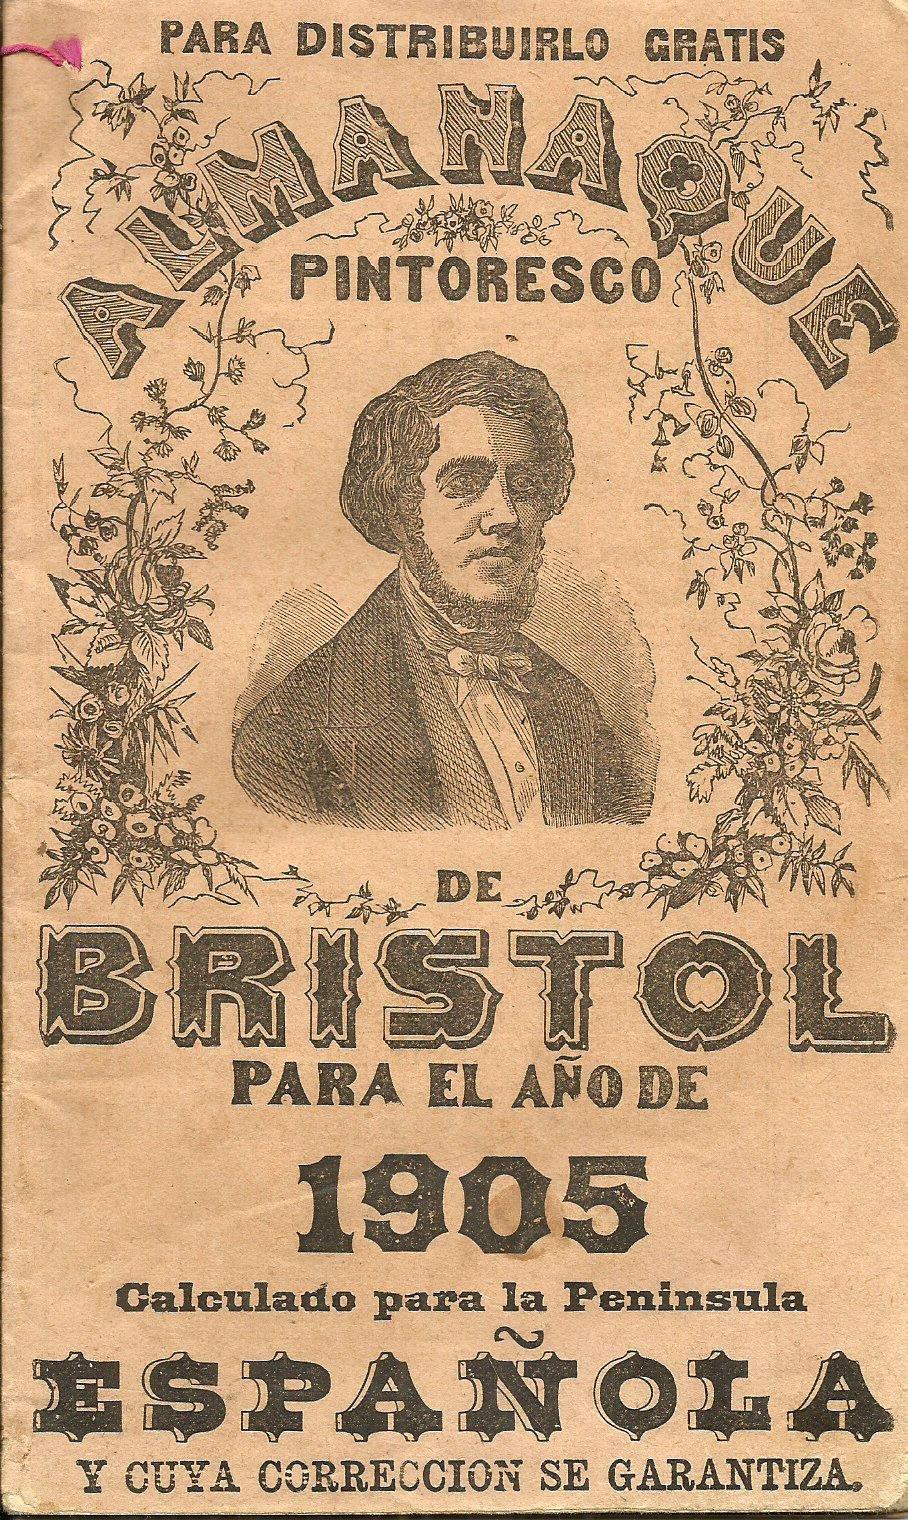 Almanaque pintoresco de Bristol para el año 1905: Amazon.es: Anónimo: Libros